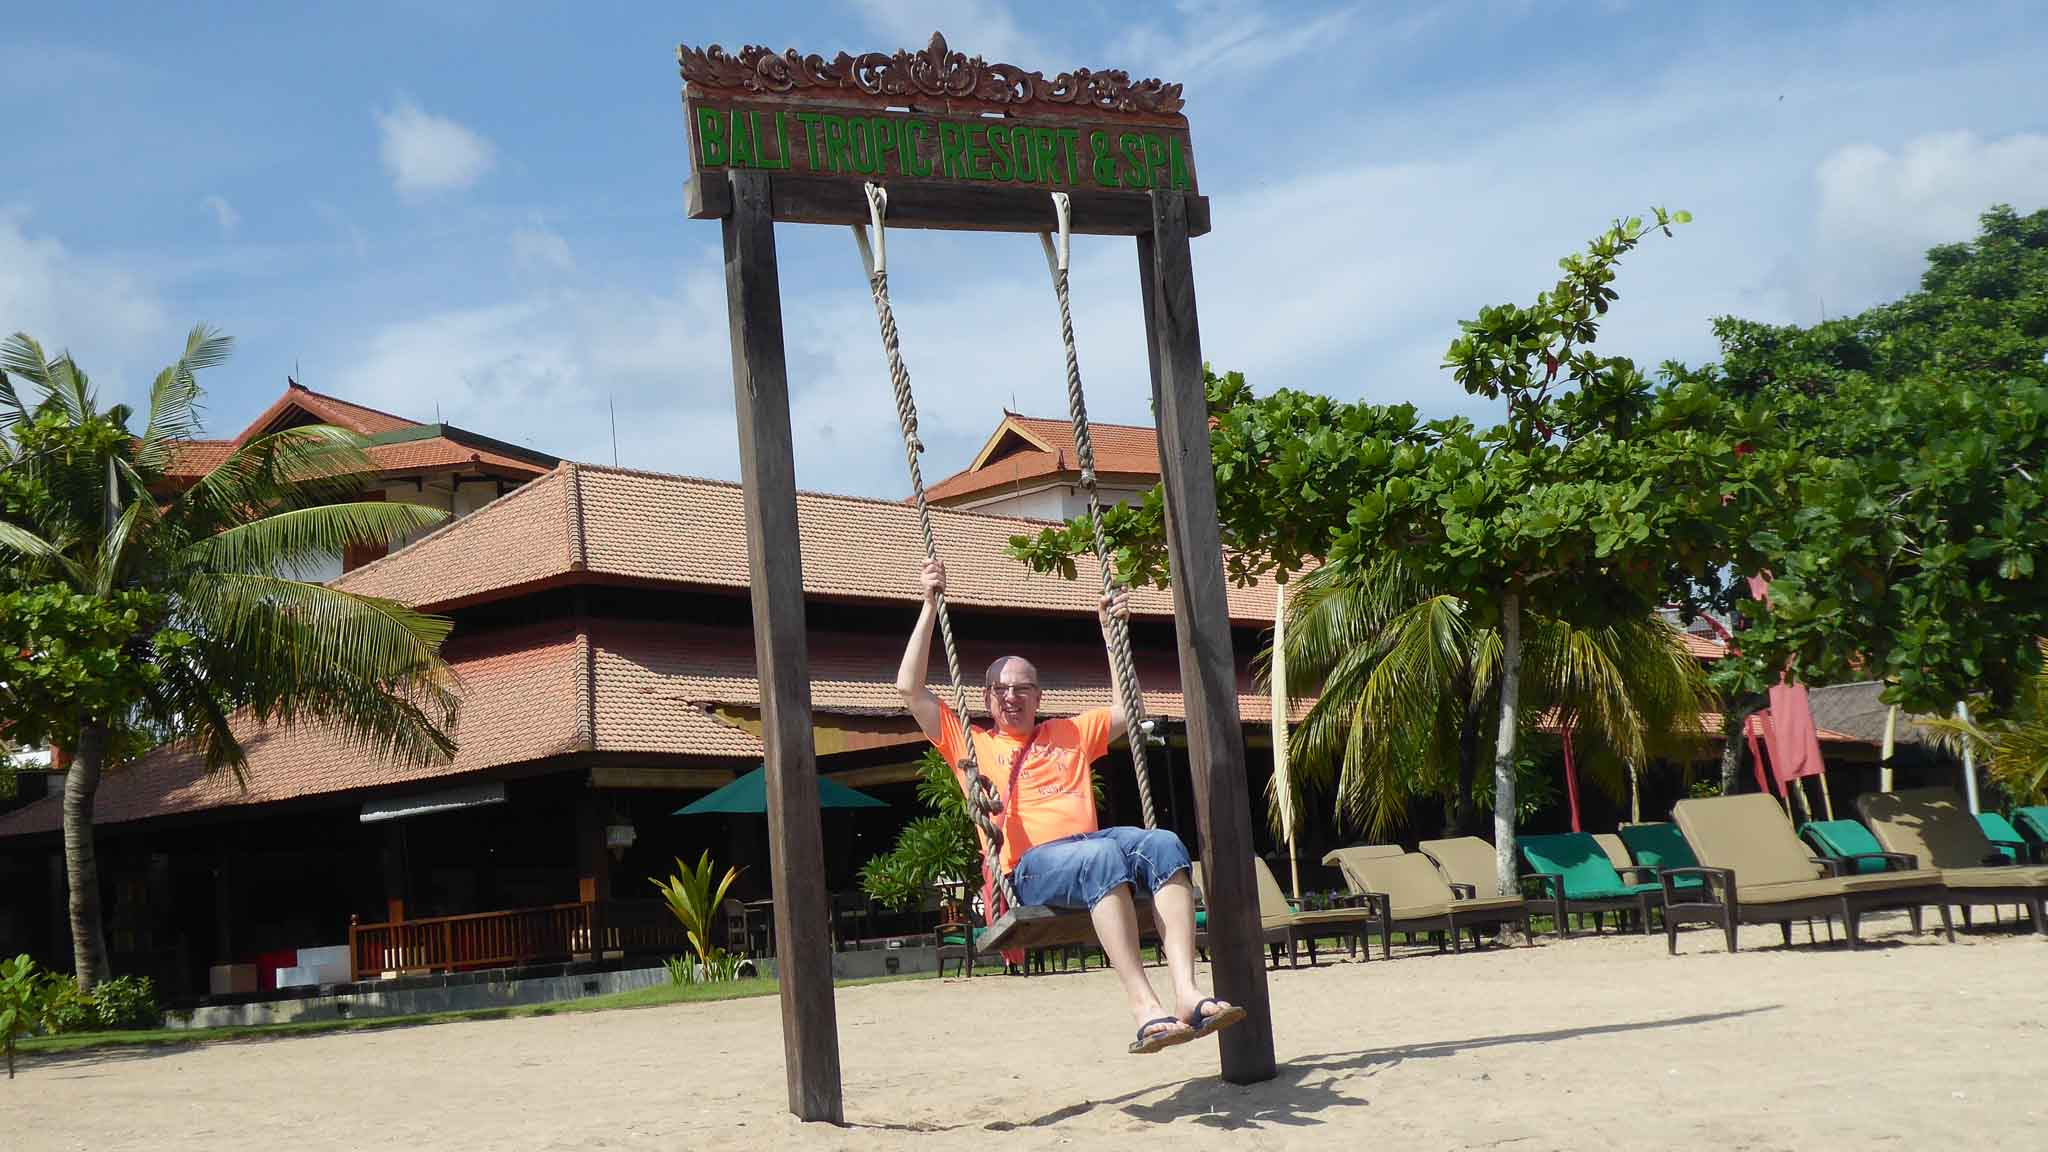 Klientenreise Bali - ein Mann auf einer großen Schaukel am Strand. Im Hintergrund ein Hotel, welches als Tempelanlage gestaltet ist